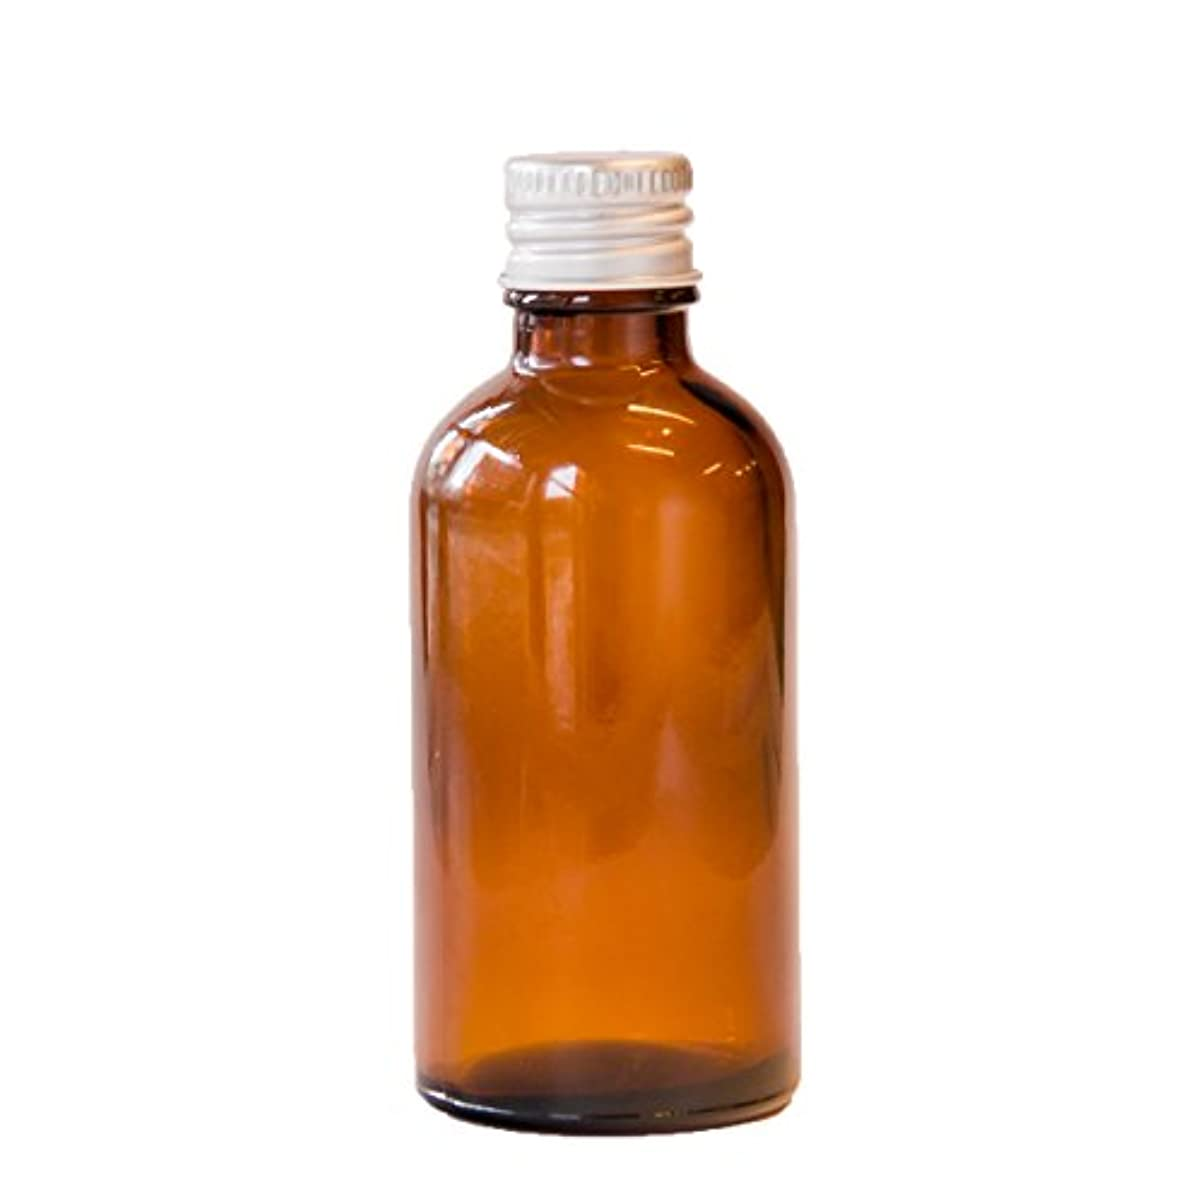 派生する暗黙ほとんどないMoonLeaf 50ml シルバーキャップ付き遮光瓶